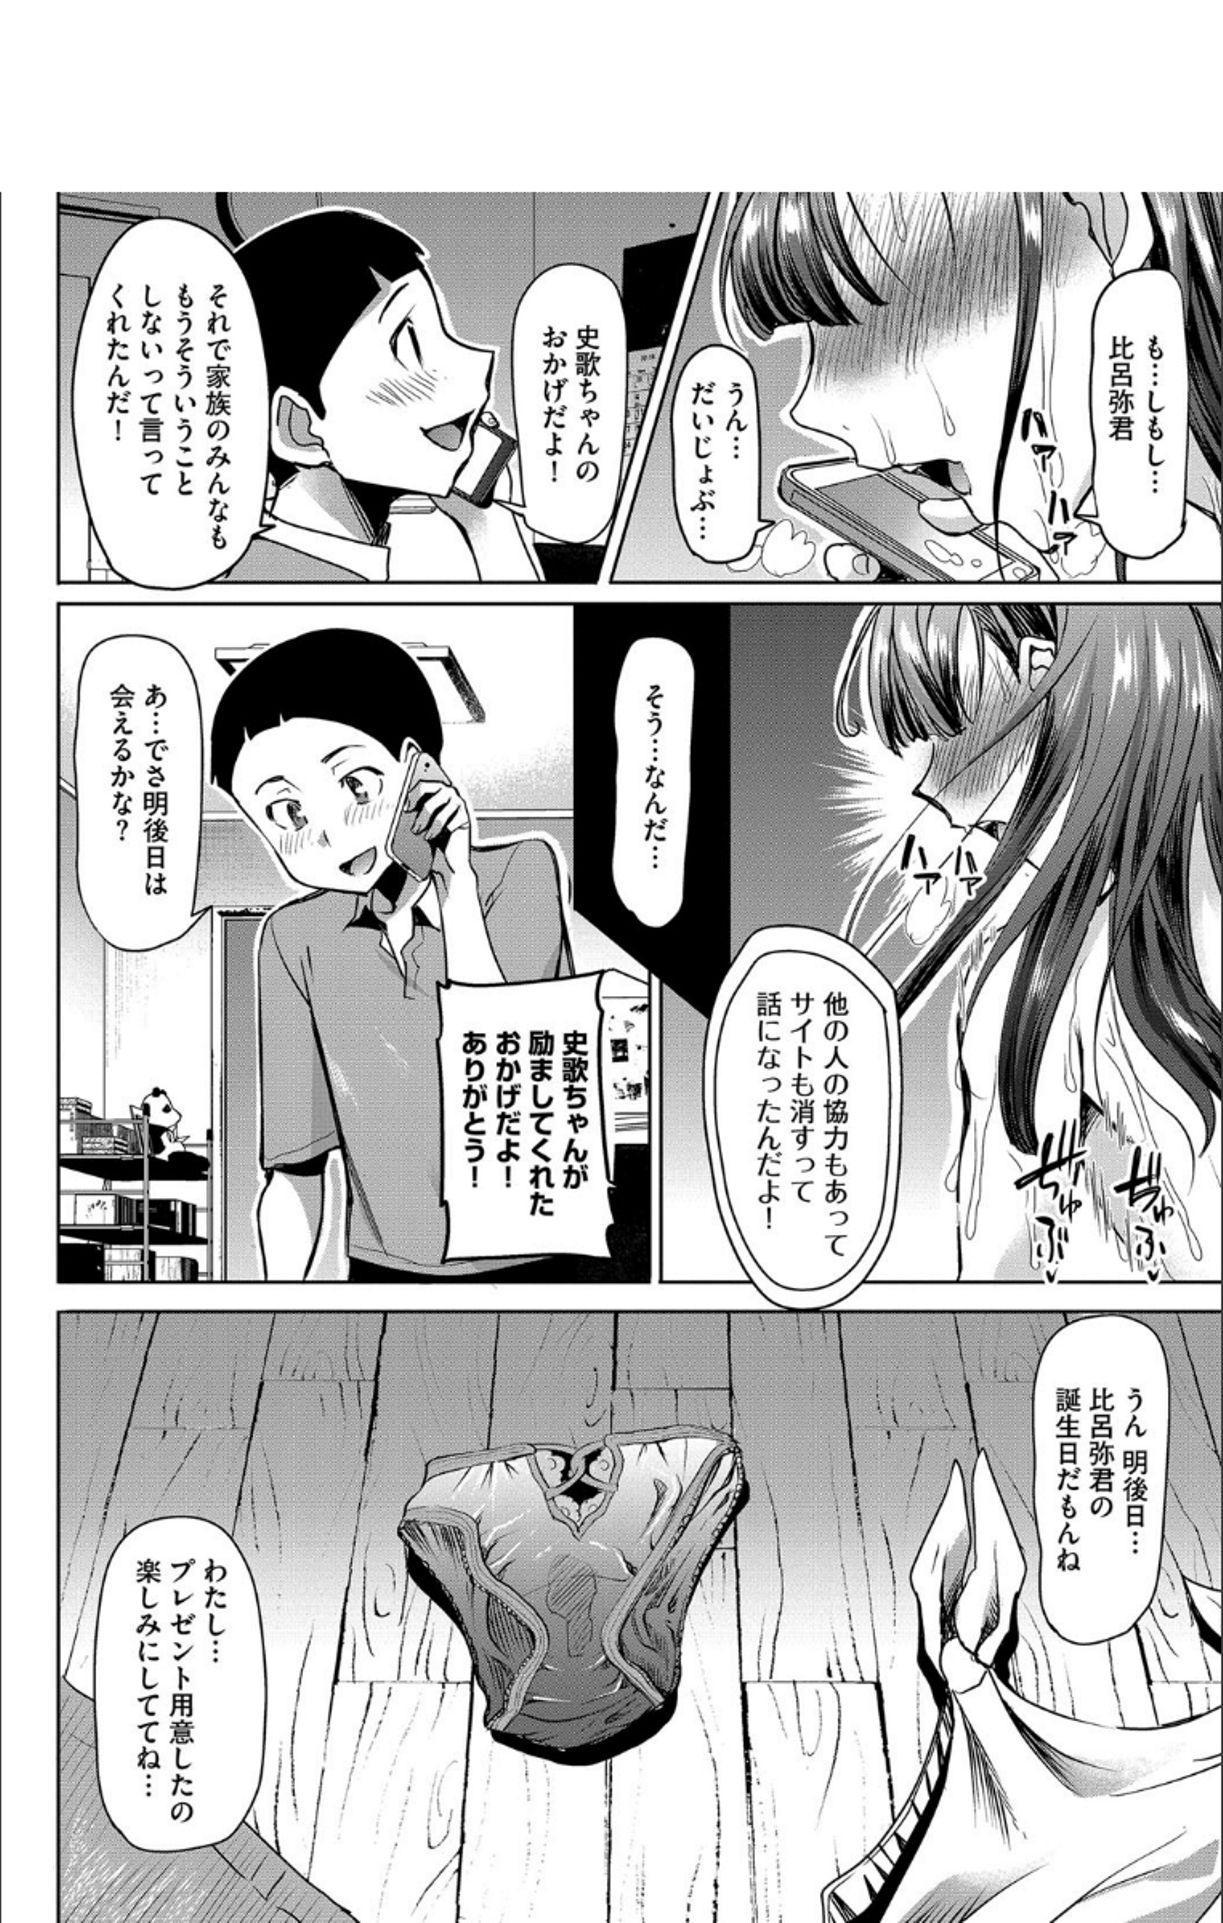 Boku no Kazoku o Sarashimasu + DMM Gentei Tokuten Paper 182